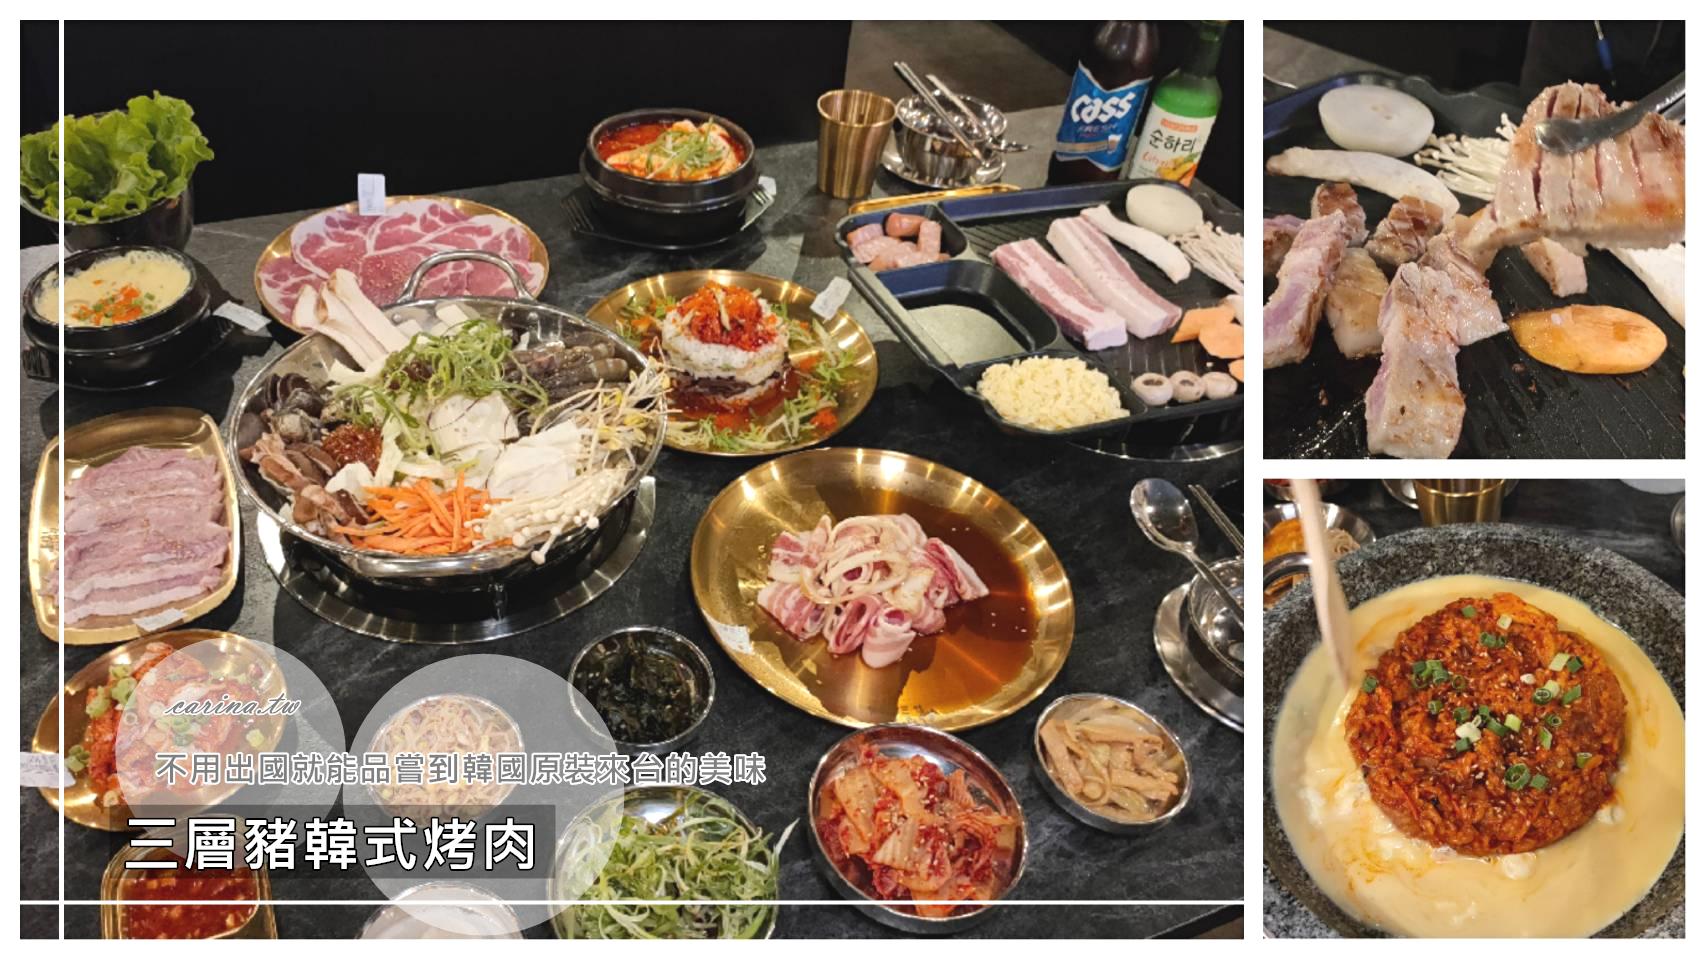 高雄楠梓美食 『三層豬韓式烤肉』韓國原裝來台的美味。不用親飛韓國也可品嚐韓式烤肉